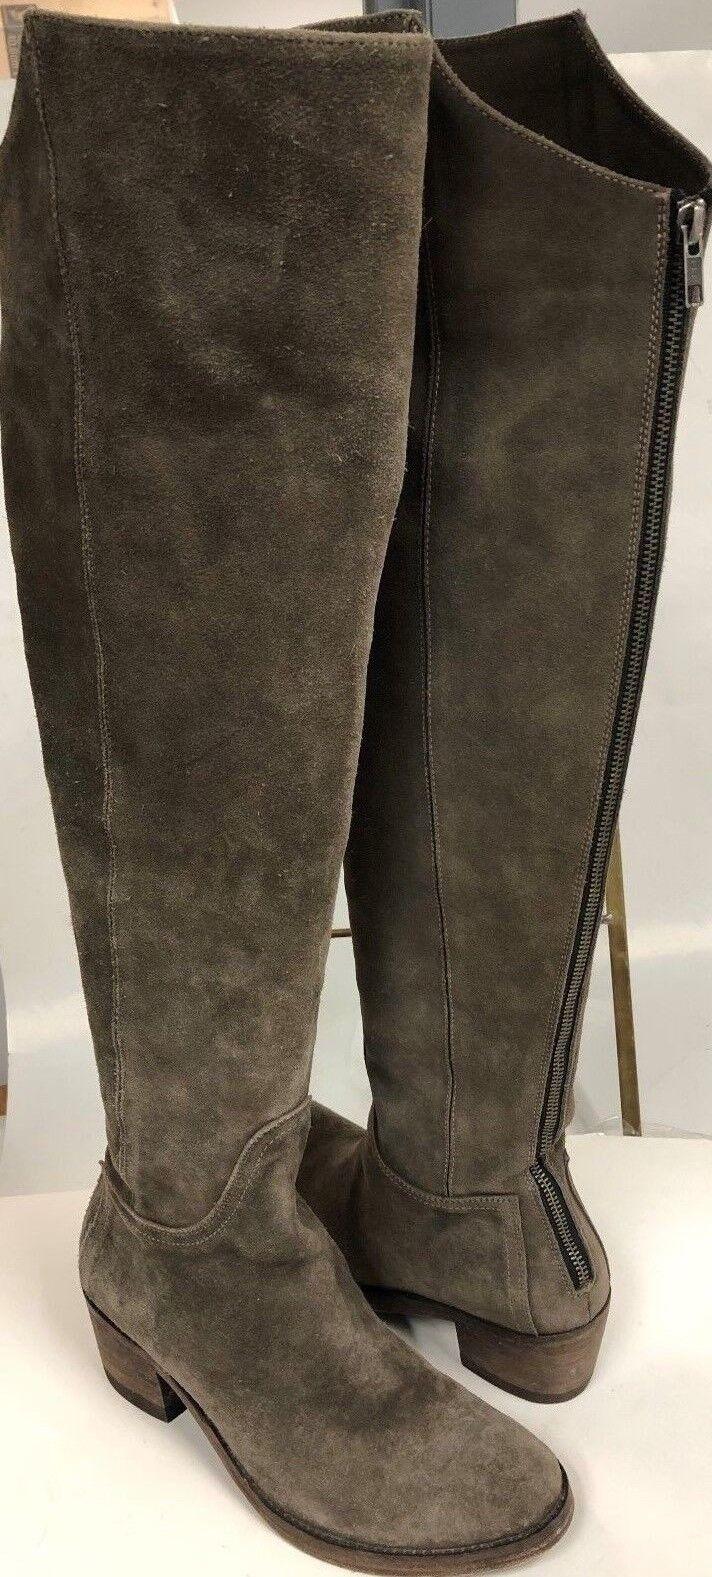 Faryl Robin Mujer gris Gamuza por encima de la rodilla alta Alto botas De Montar Taco de 2.5  Sz-8